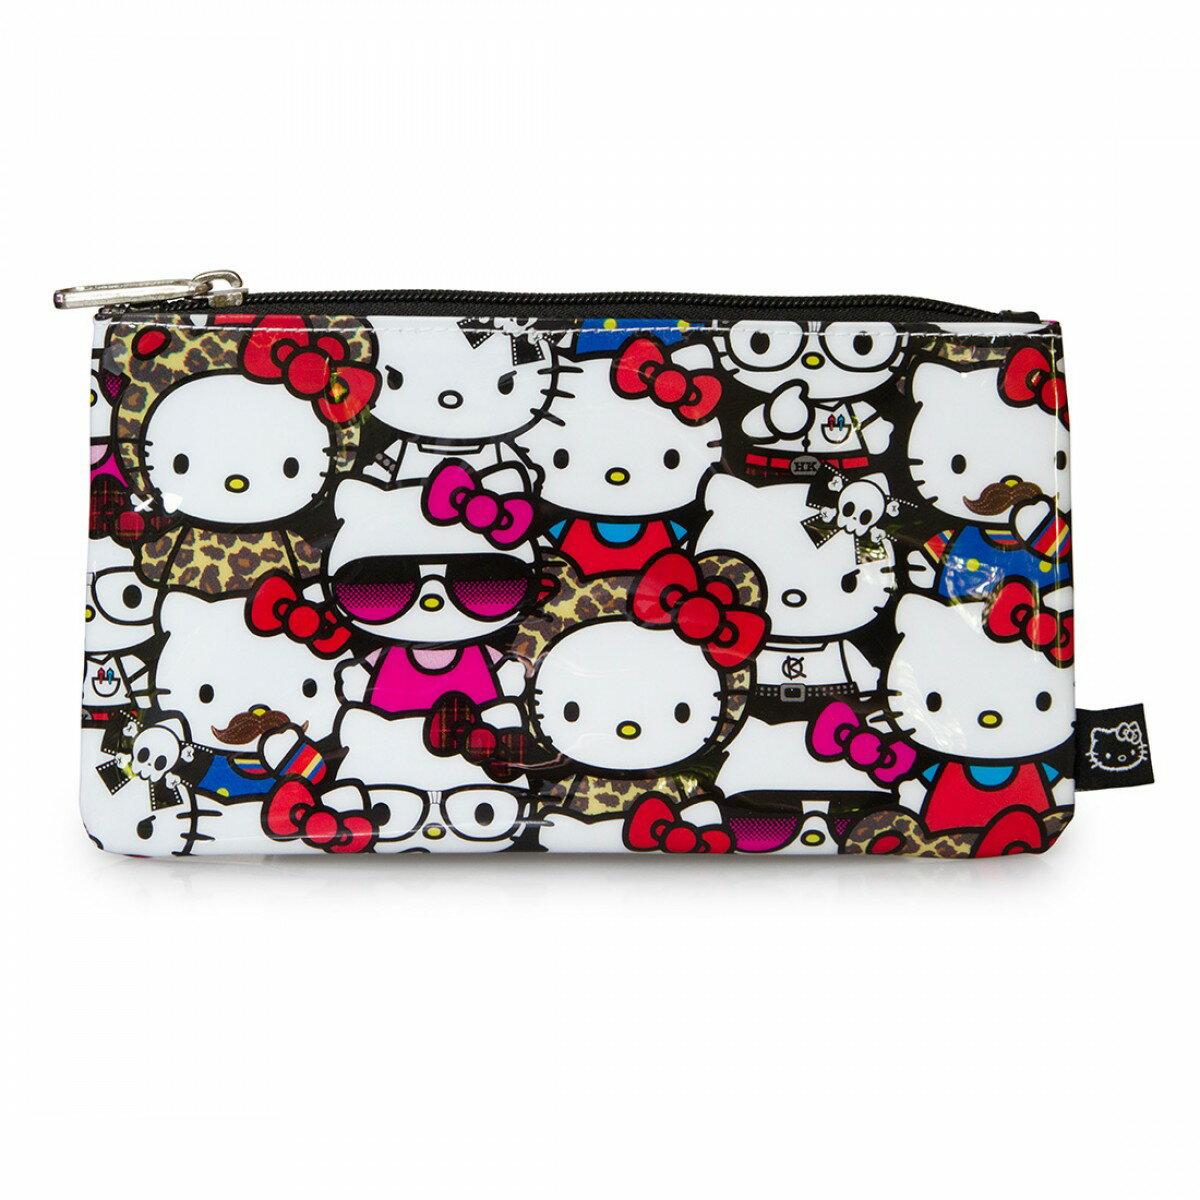 【真愛日本】15042800042 聯名LF防水萬用包-滿版變裝KT 三麗鷗 Hello Kitty 凱蒂貓 收納包 筆袋 正品 限量 預購